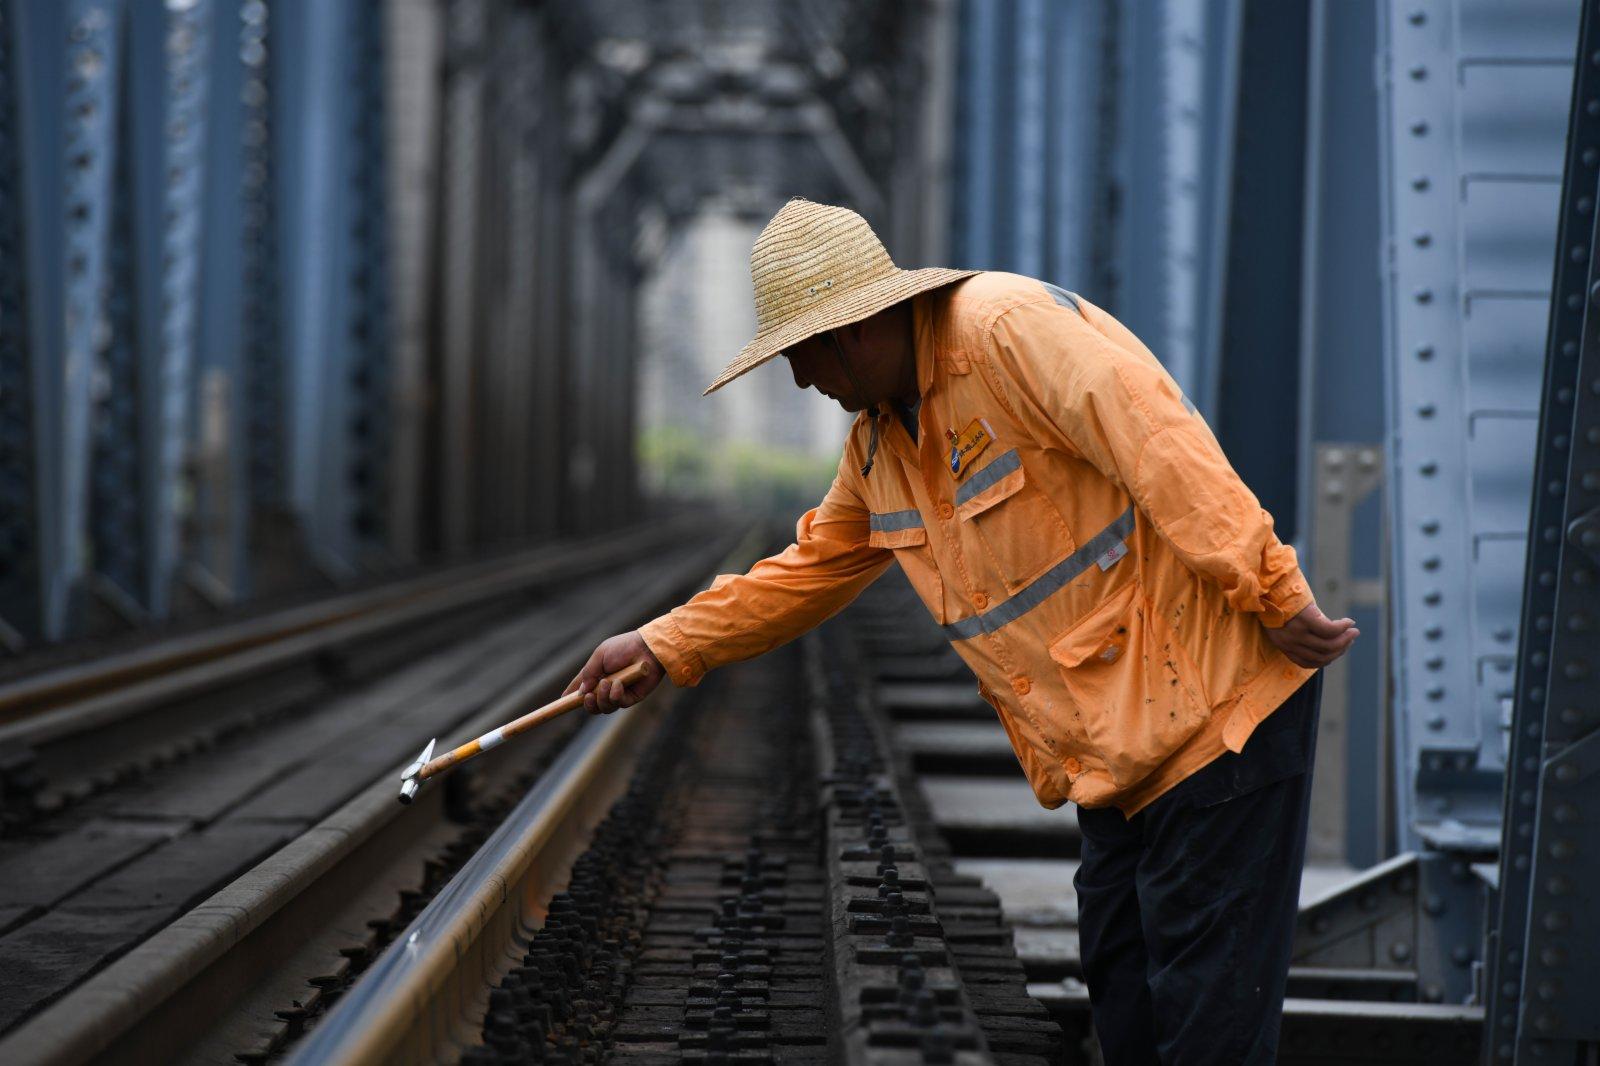 7月20日,橋隧工張道忠在蚌埠淮河鐵路大橋上檢查螺栓。(新華社)